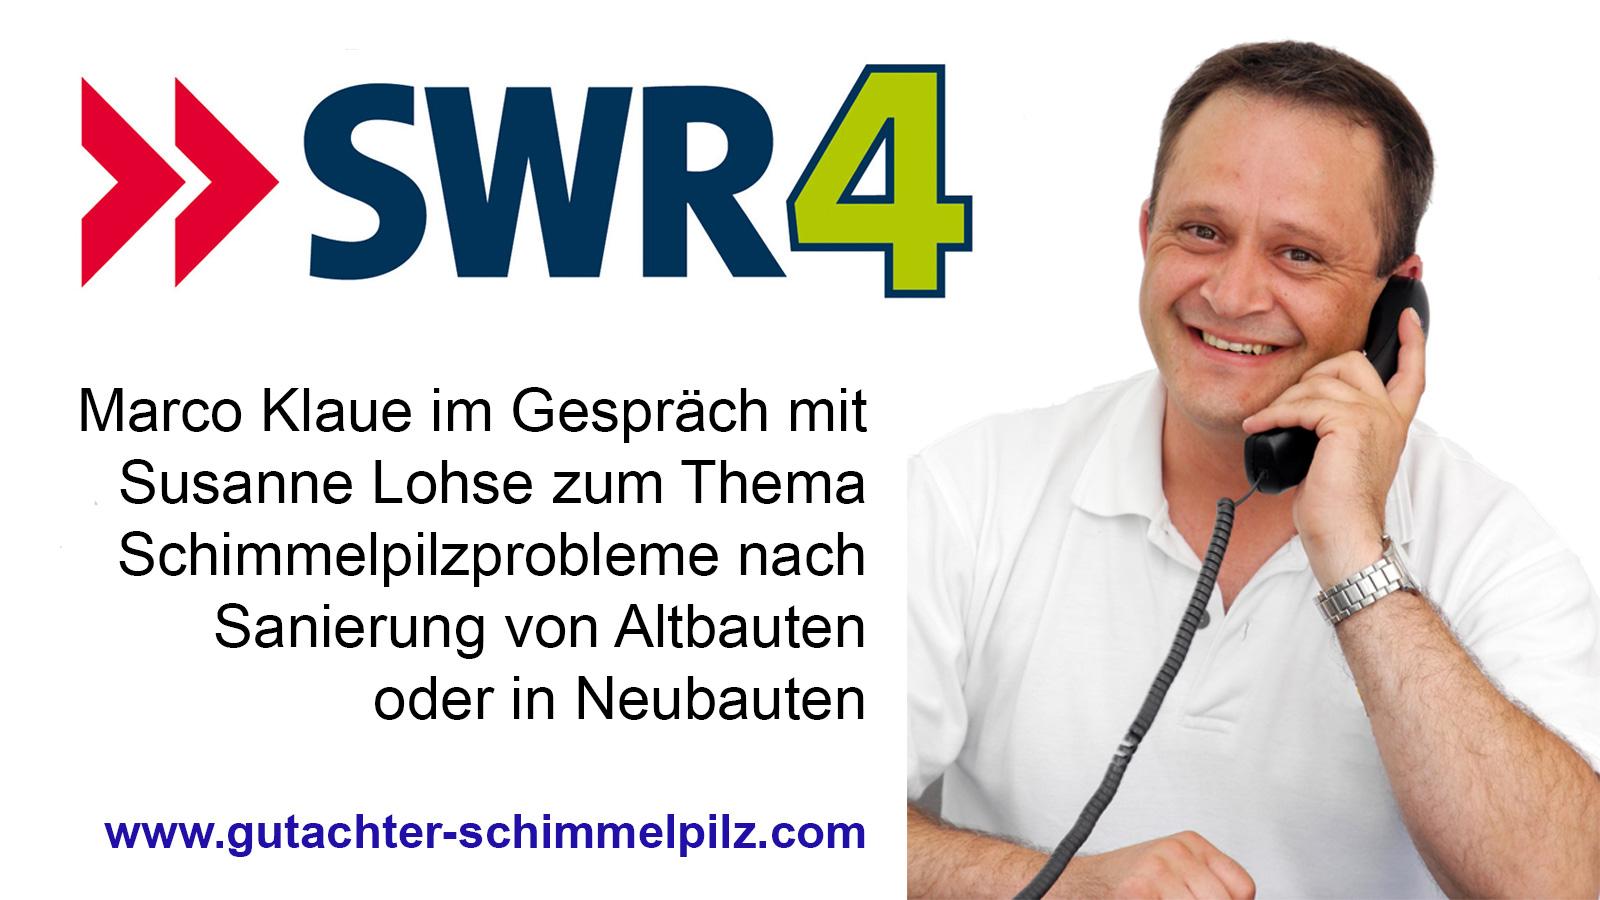 Interview beim SWR zum Thema neue Fenster im Altbau oder Schimmelbefall in Neubauten